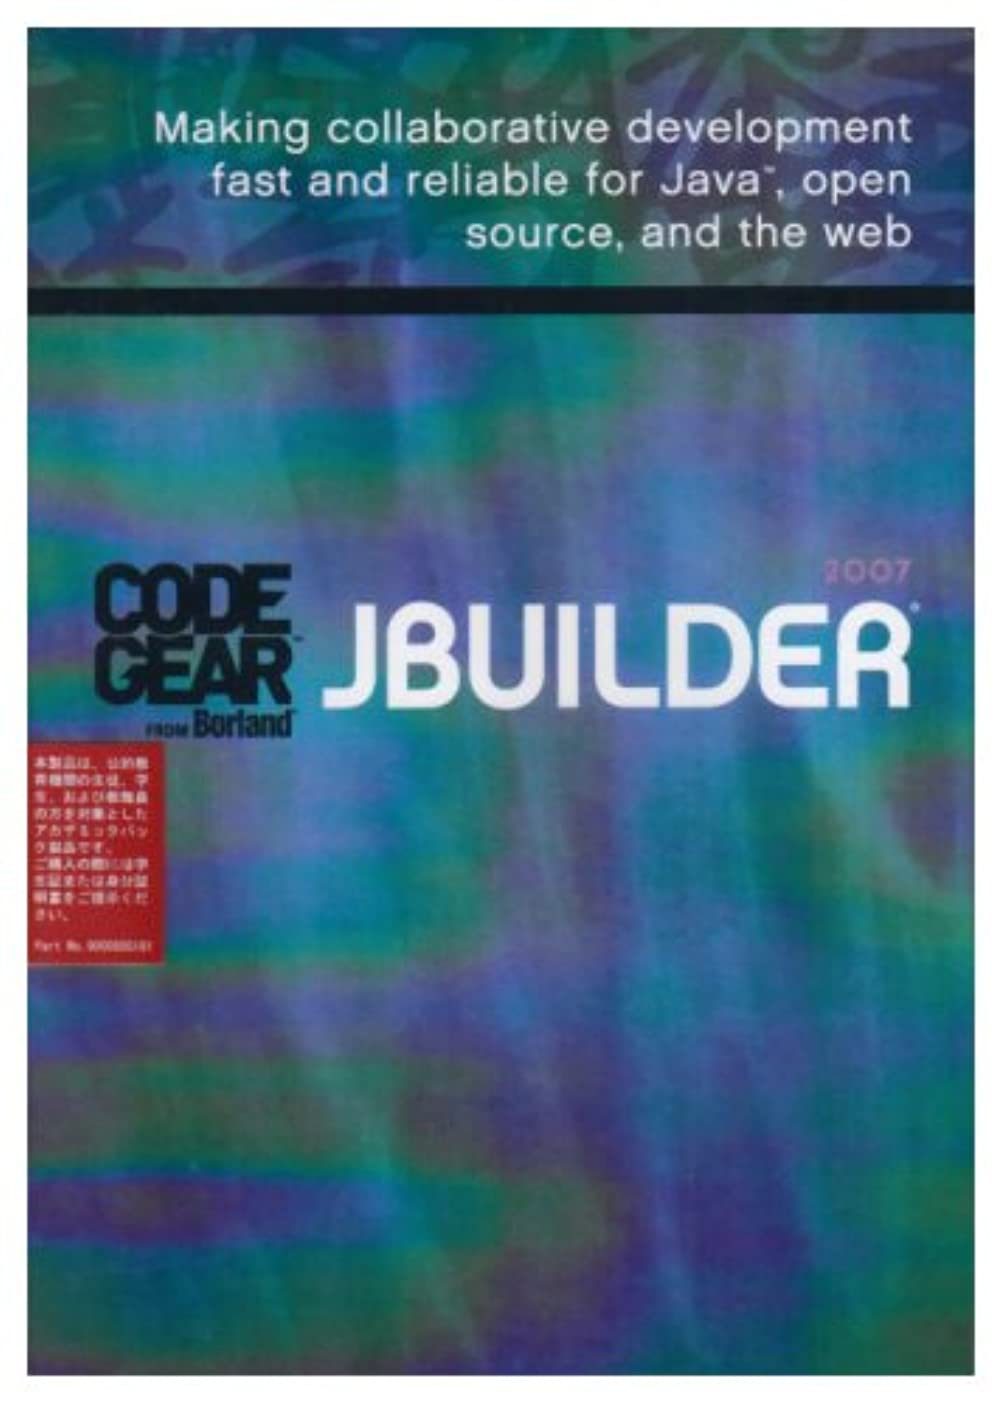 割合不機嫌要件JBuilder 2007 アカデミックパック1 (マルチプラットフォーム版)